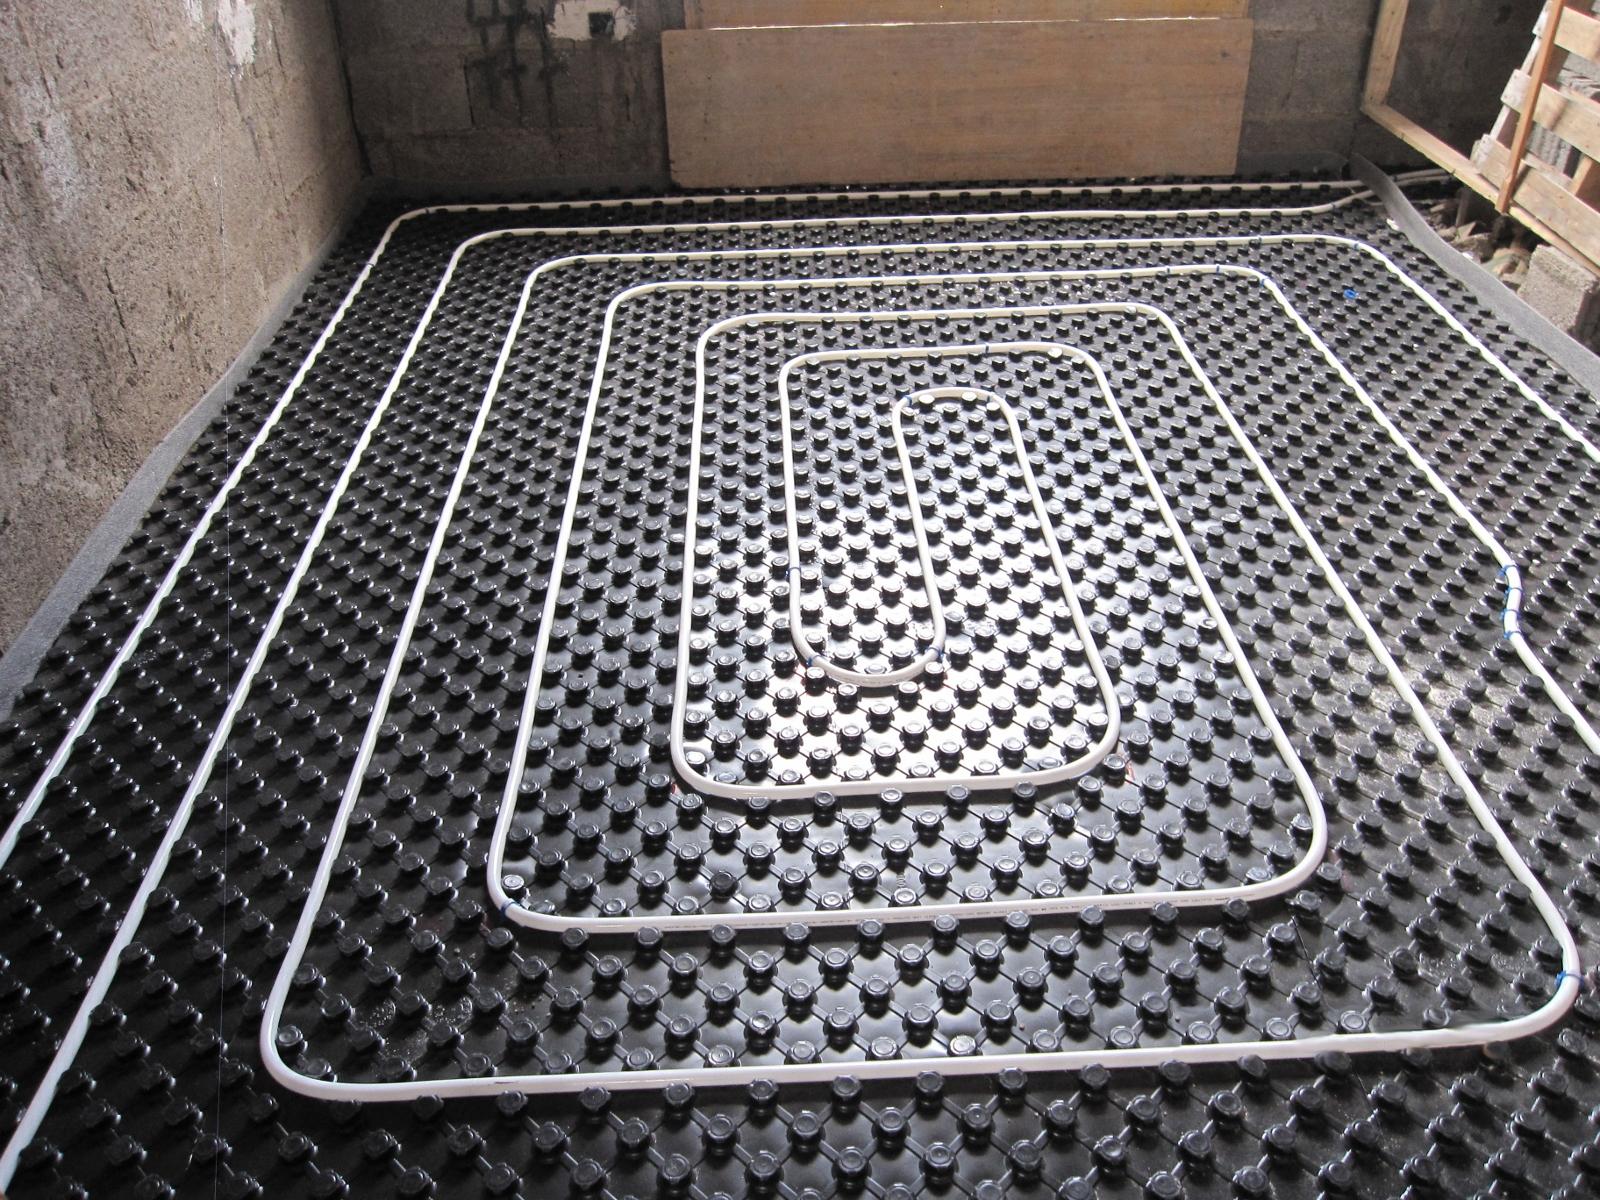 Calefacci n por suelo radiante gastensolar - Calefaccion por suelo radiante precio ...